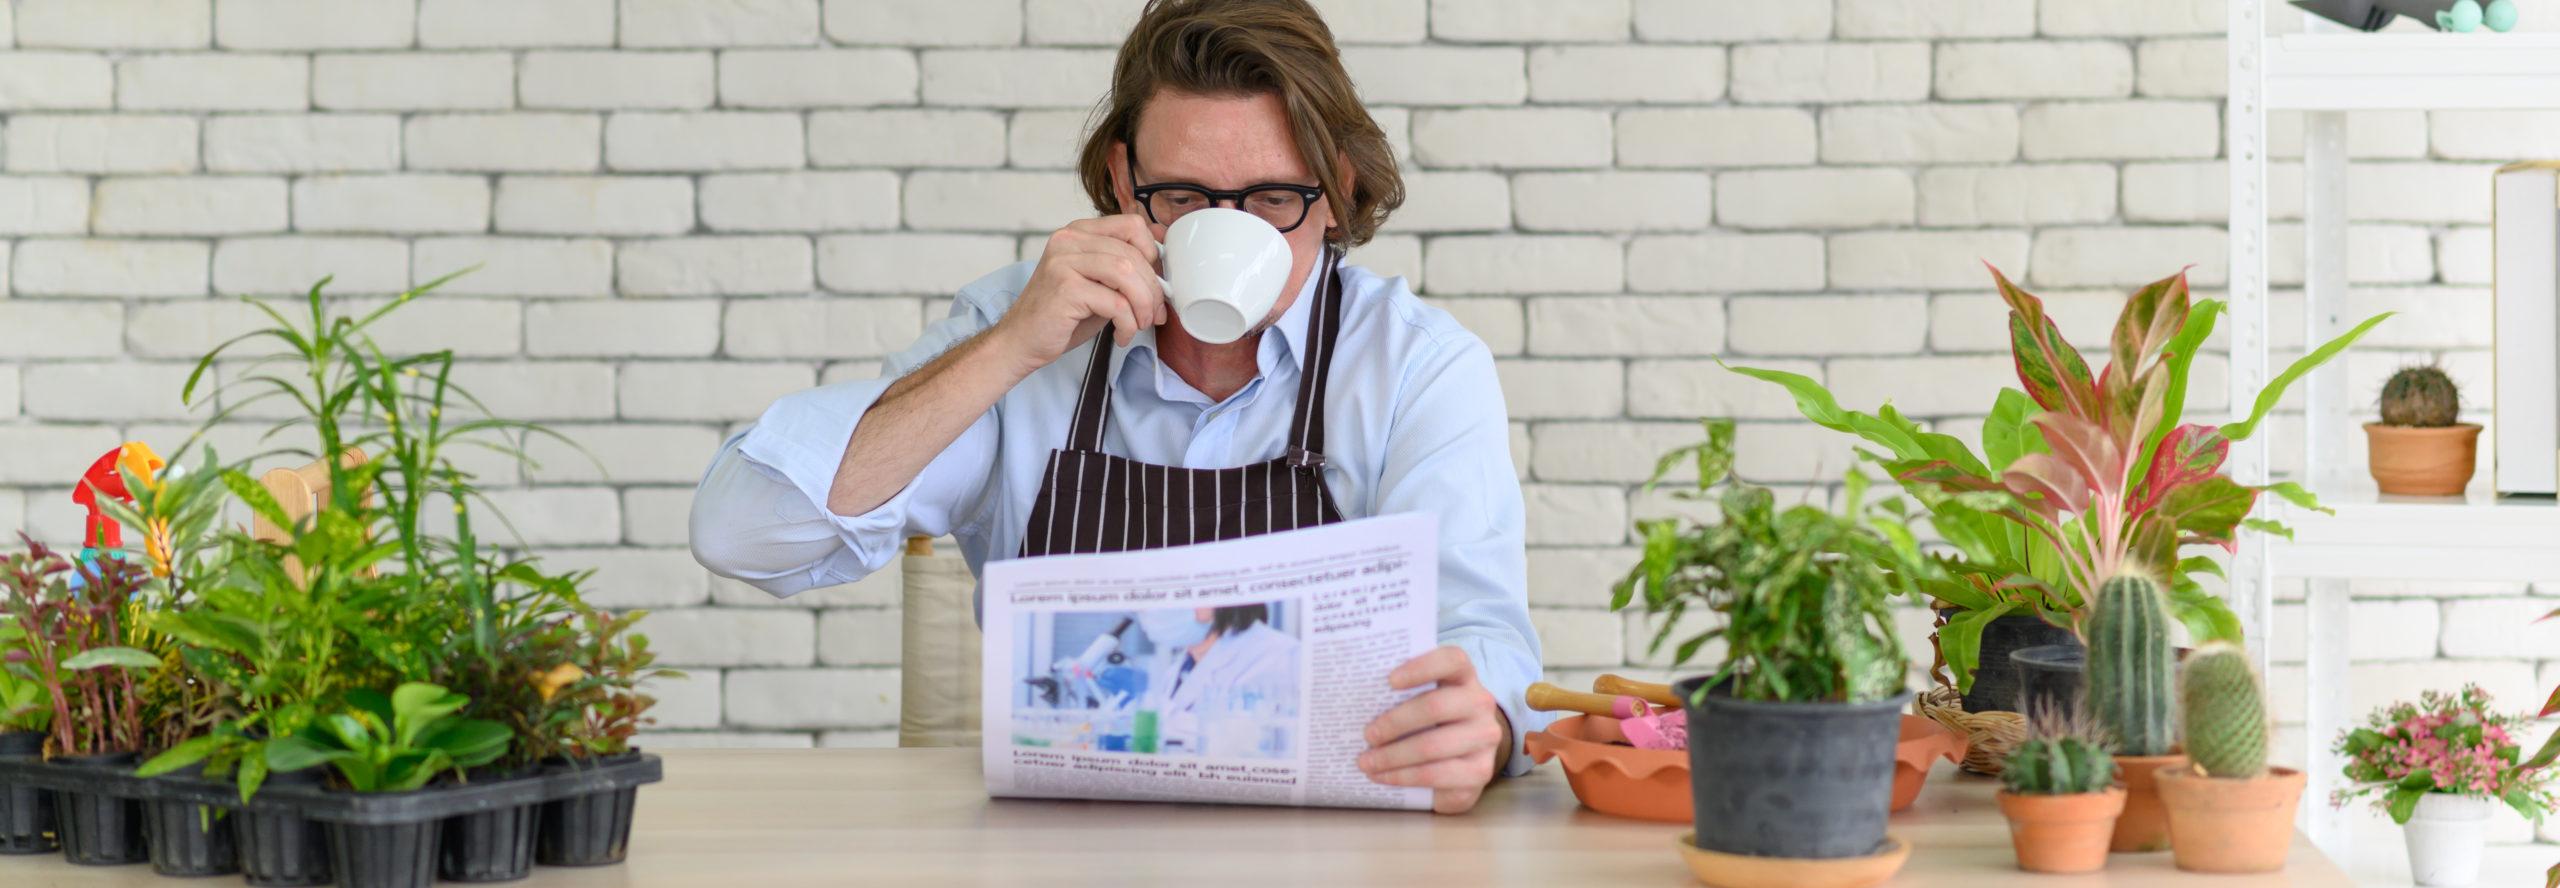 Neues über Kompostwürmer, Wurmkomposter in den Medien